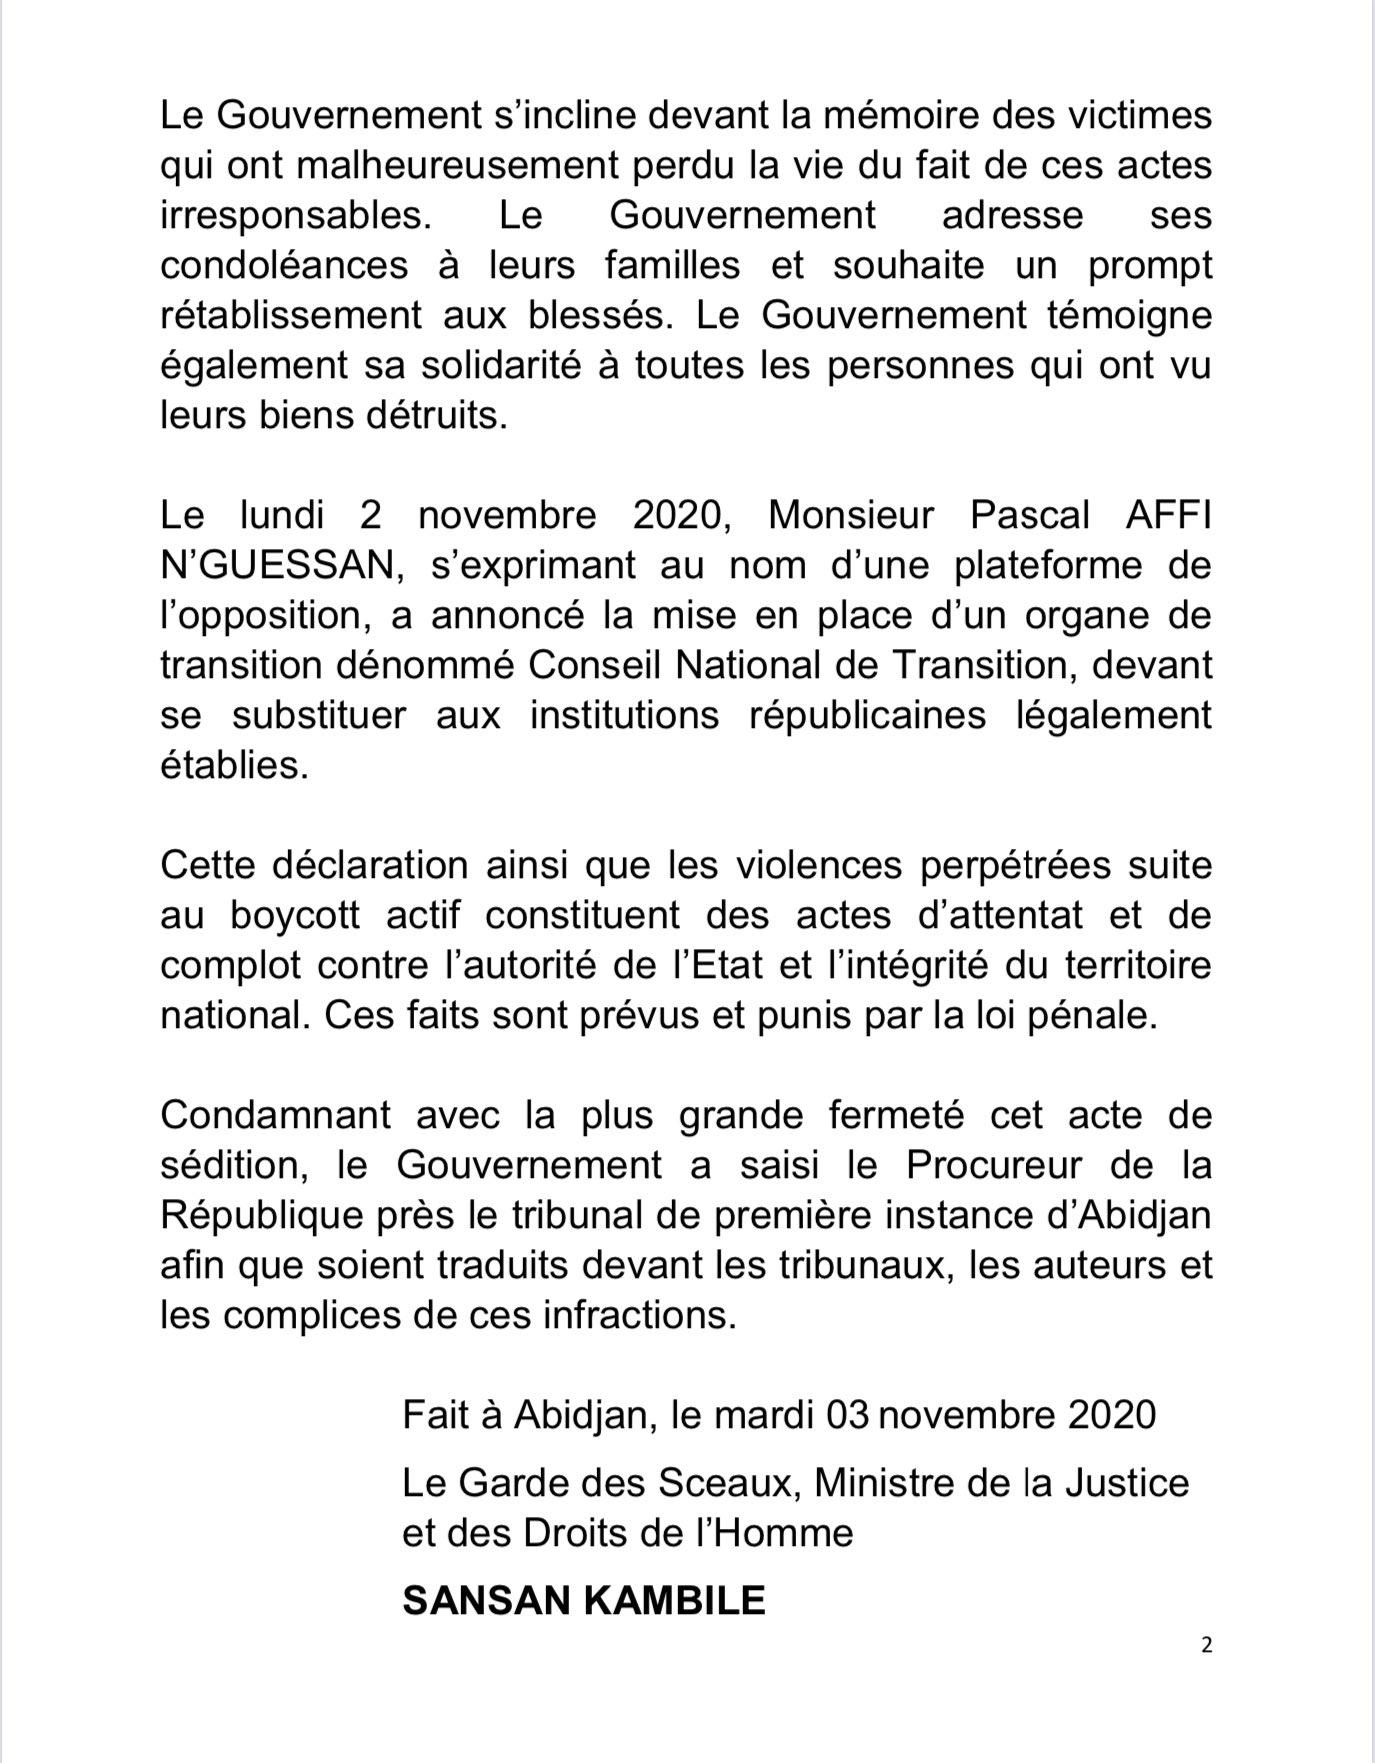 Presidenceci On Twitter Communique Du Gouvernement Sur La Situation Socio Politique